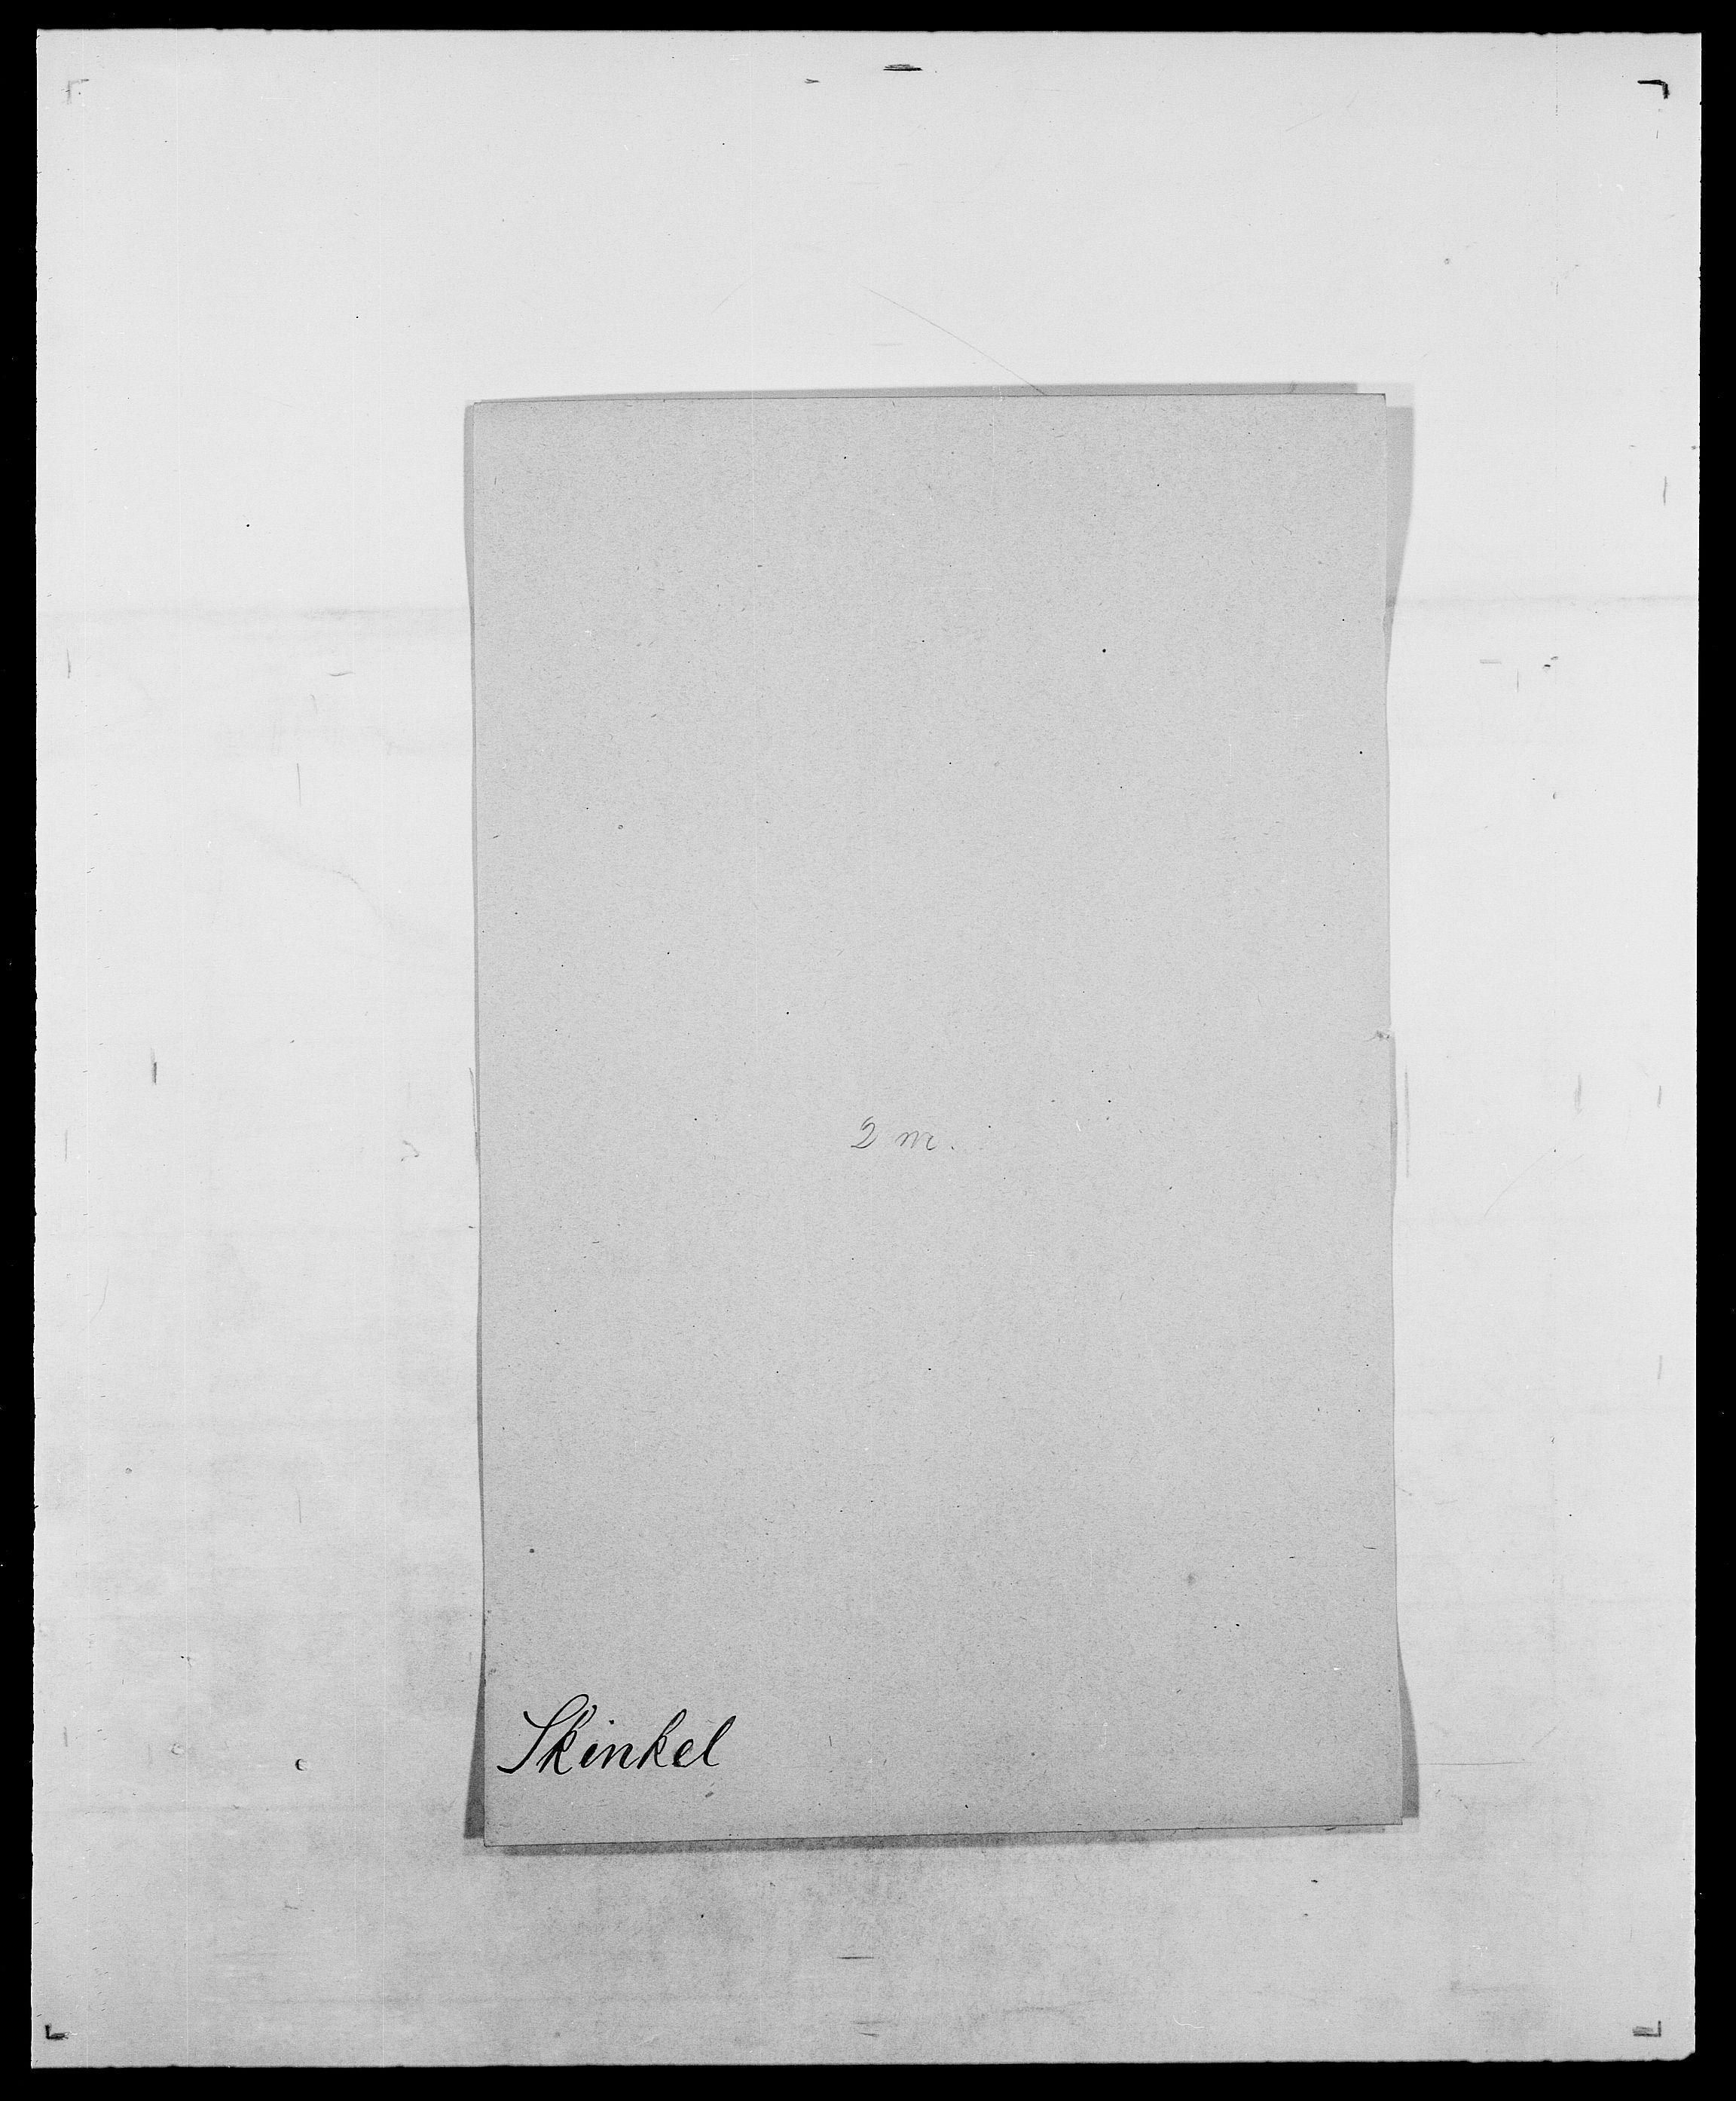 SAO, Delgobe, Charles Antoine - samling, D/Da/L0036: Skaanør - Staverskov, s. 48